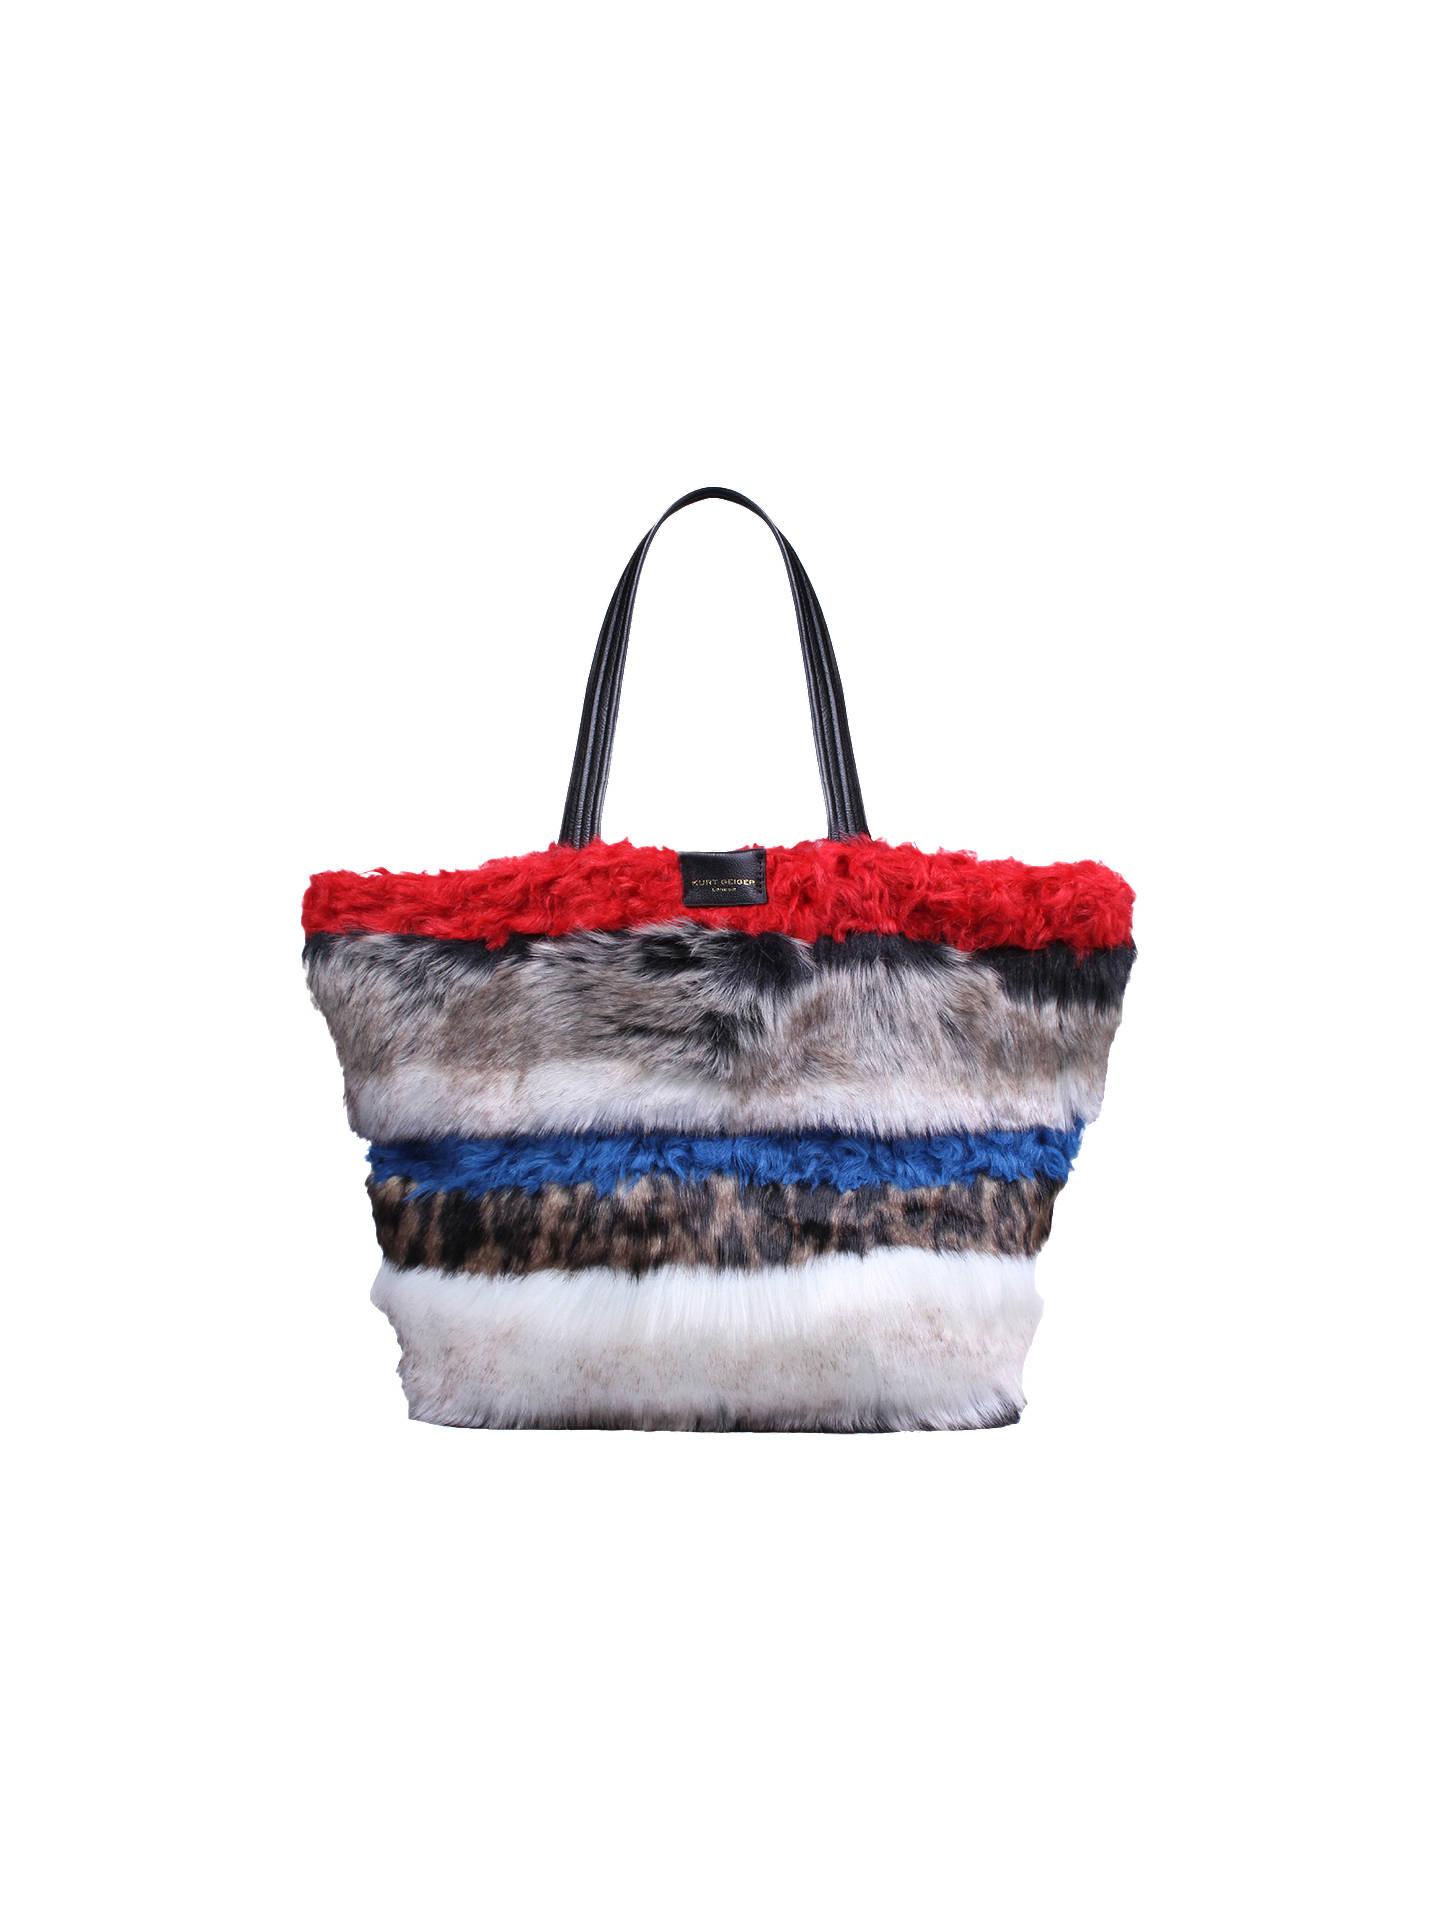 f32a4498de Buy Kurt Geiger Poppy Soft Tote Bag